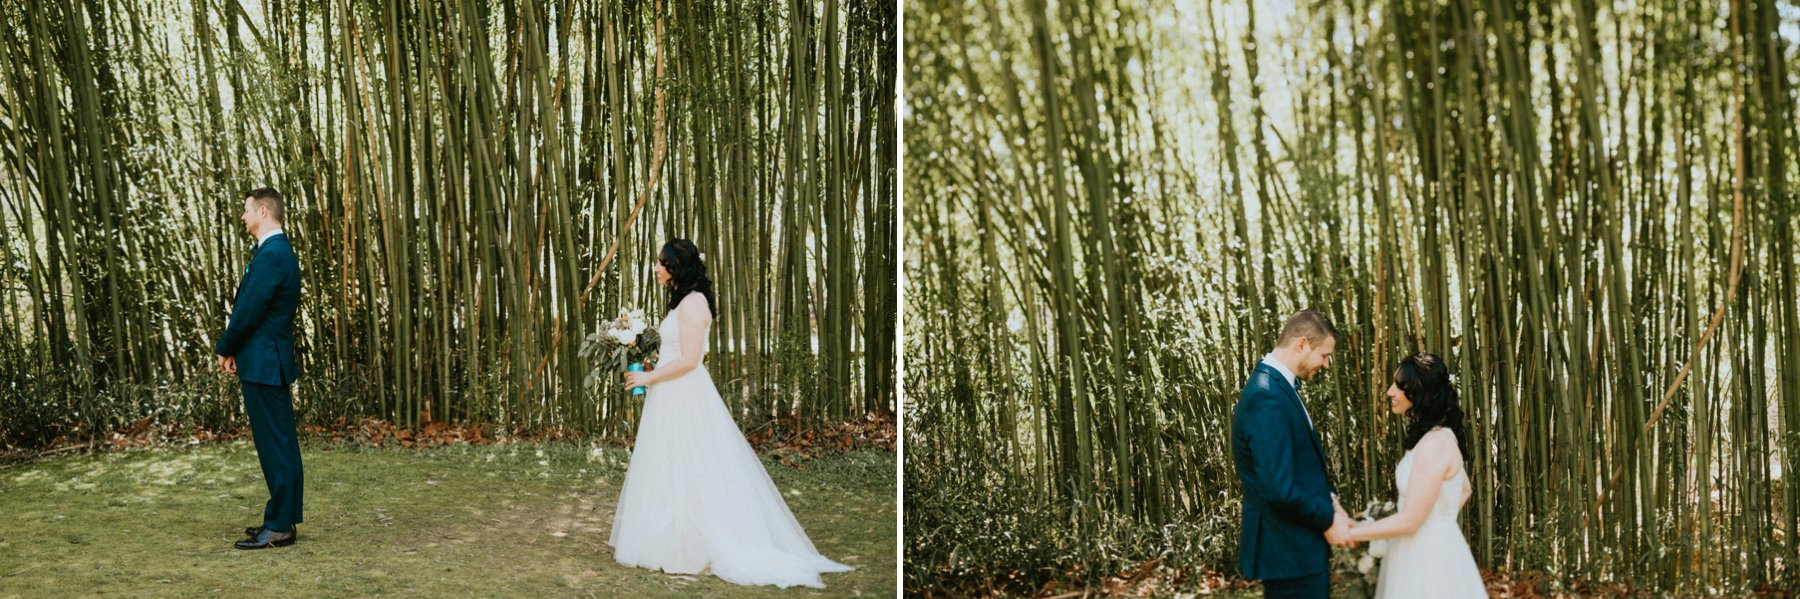 old-mill-rose-valley-wedding-16.jpg